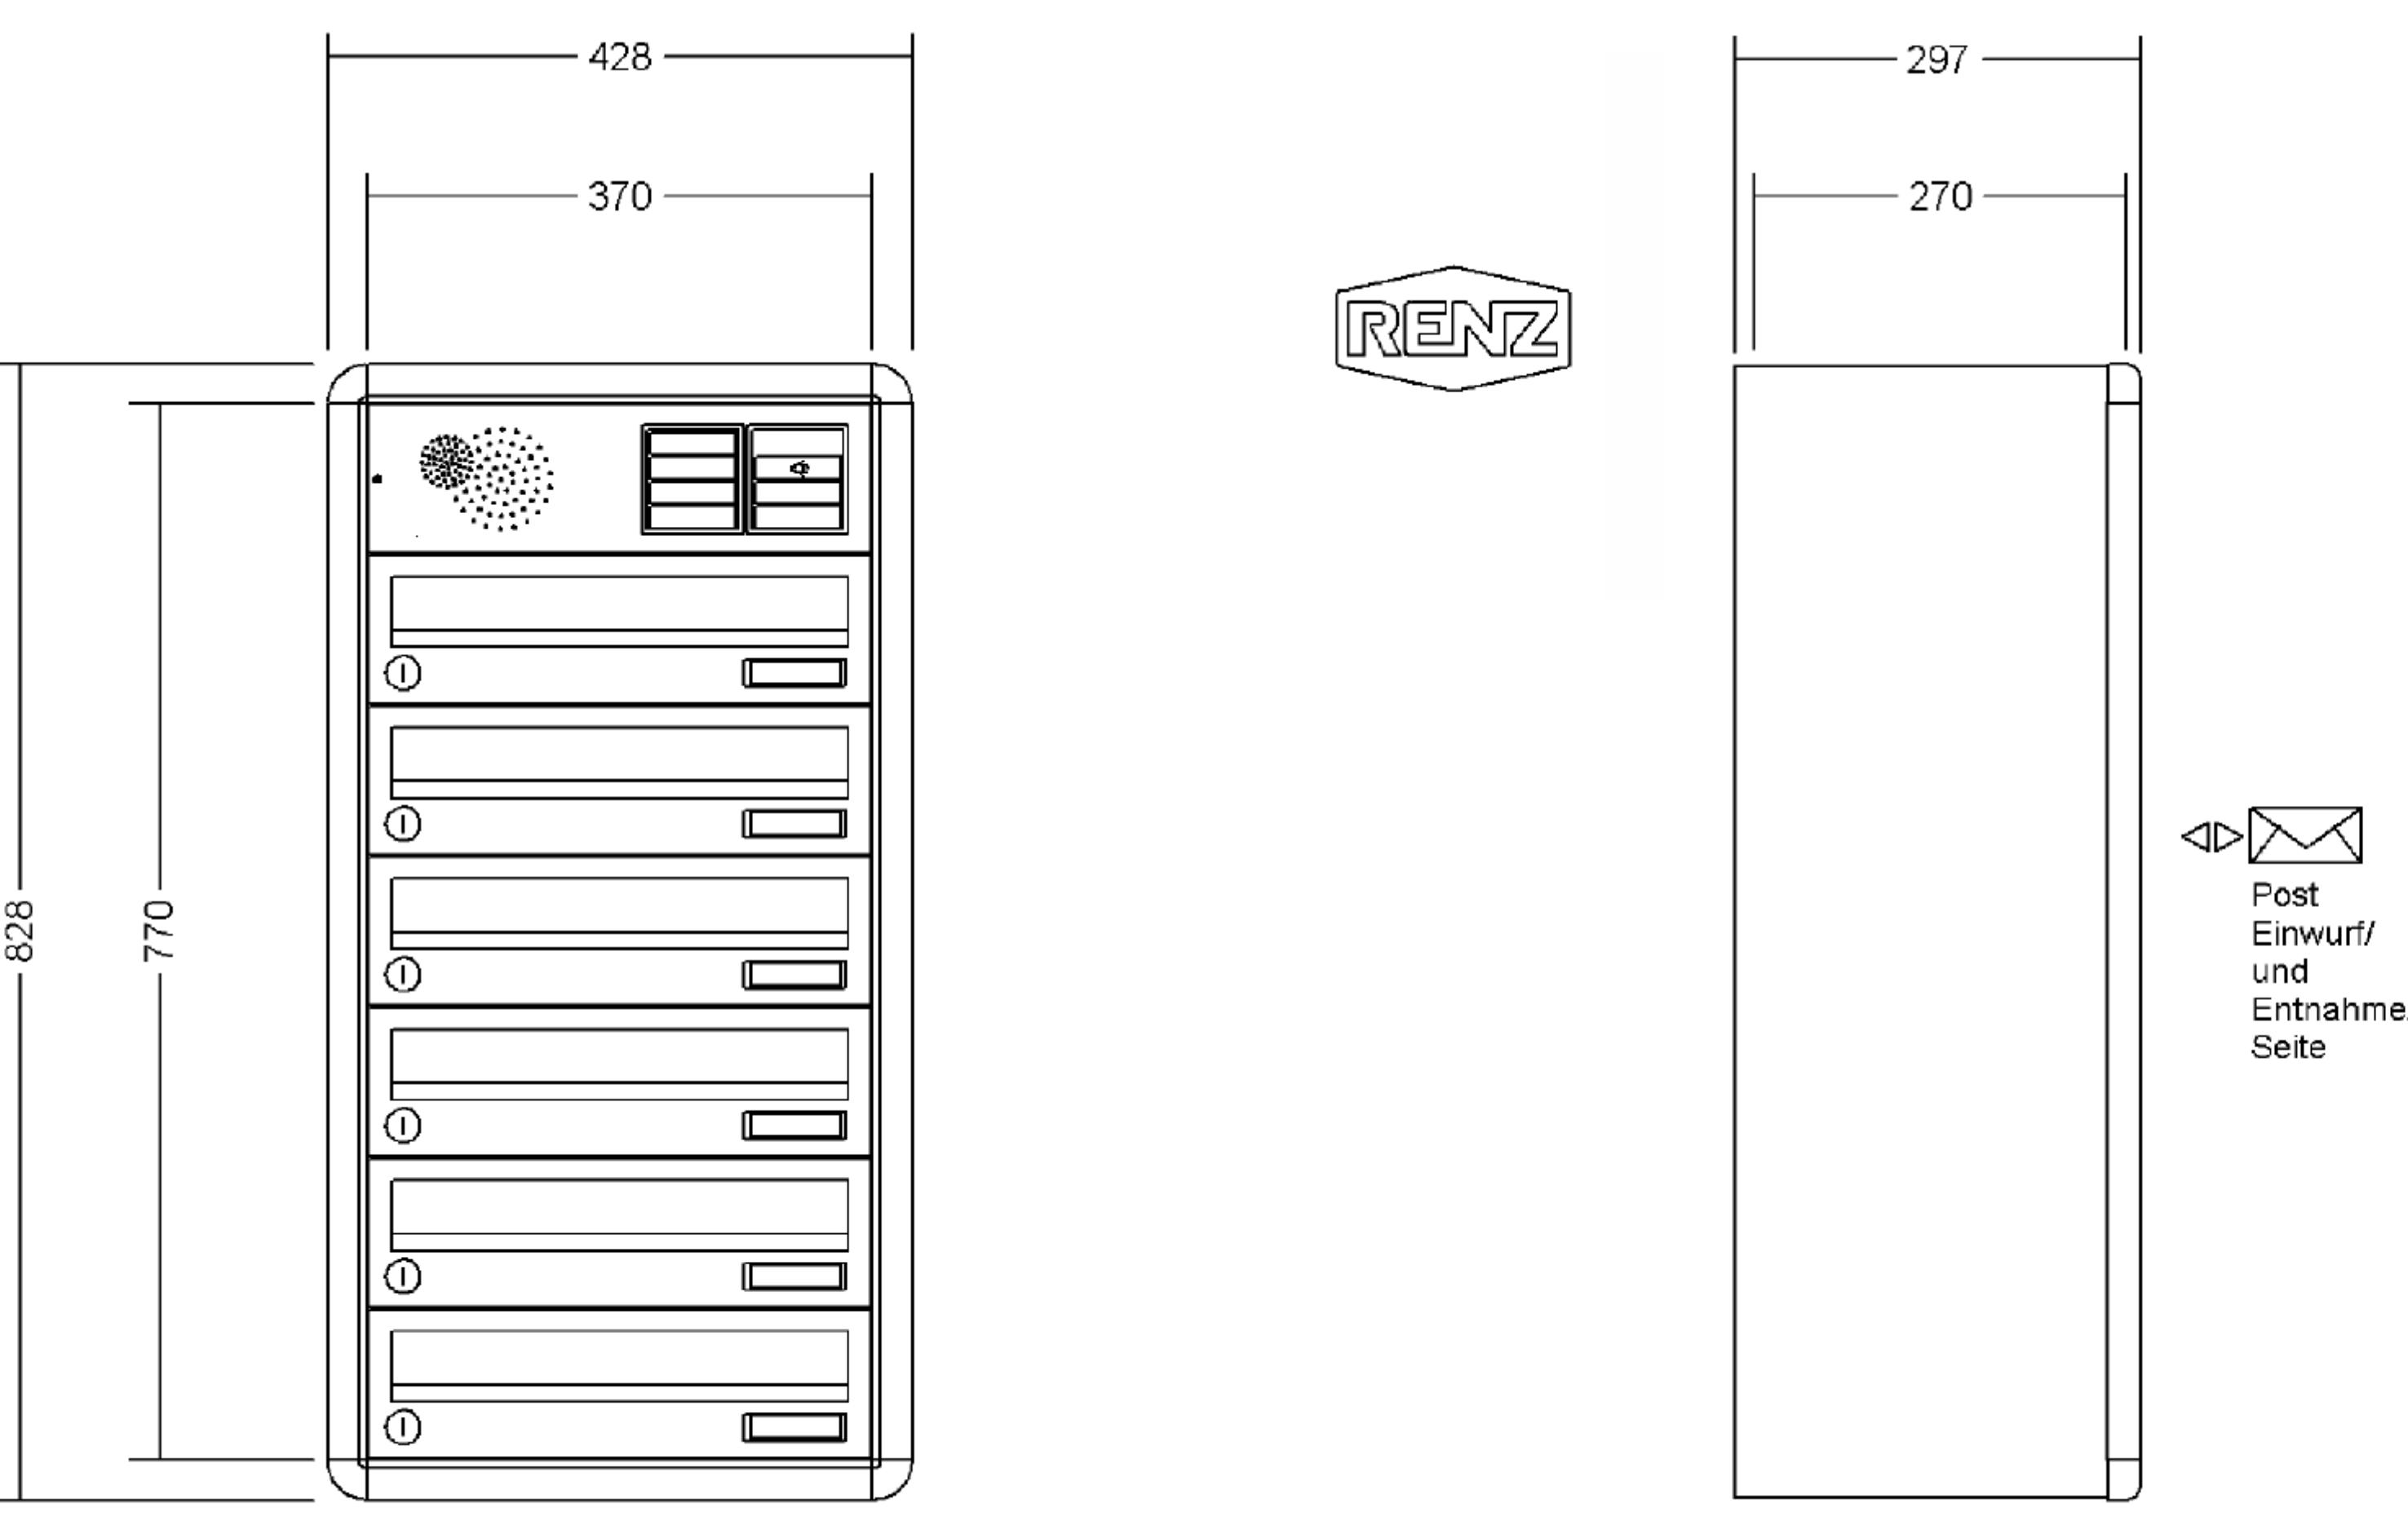 renz briefkastenanlage aufputz rs4000 kastenformat 370x110x270mm mit klingel lichttaster. Black Bedroom Furniture Sets. Home Design Ideas